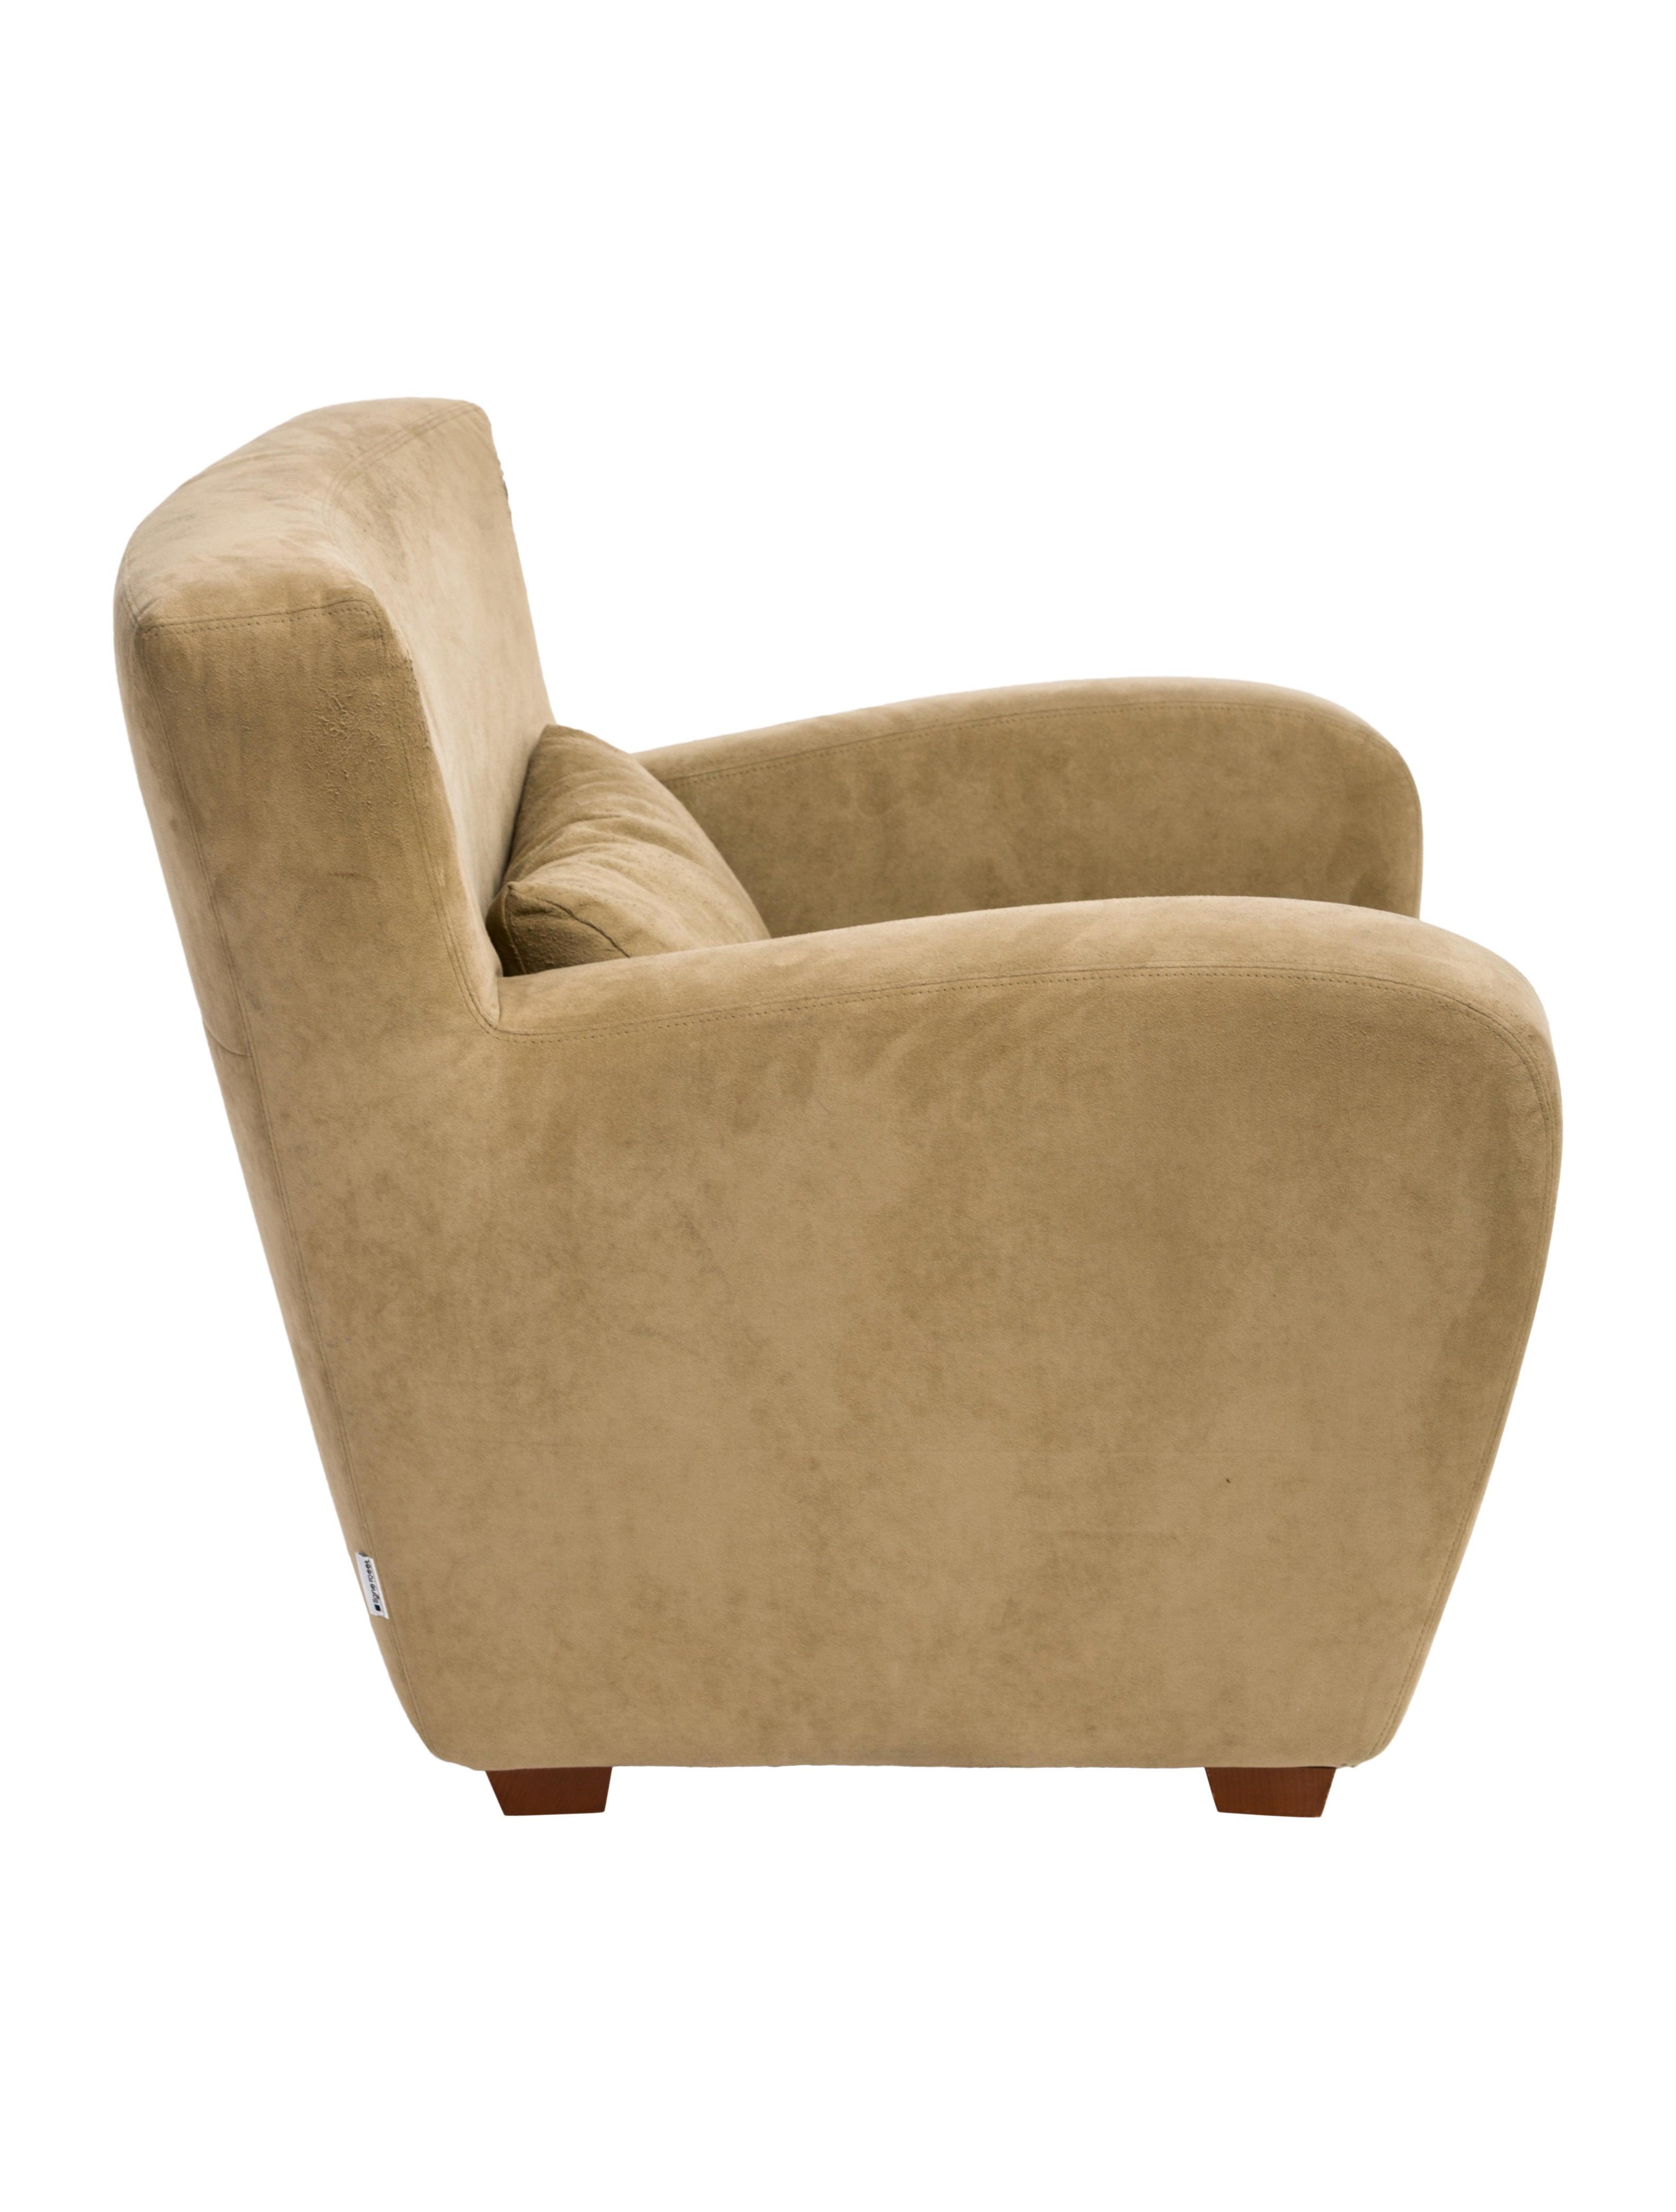 Havana Lounge Chairs